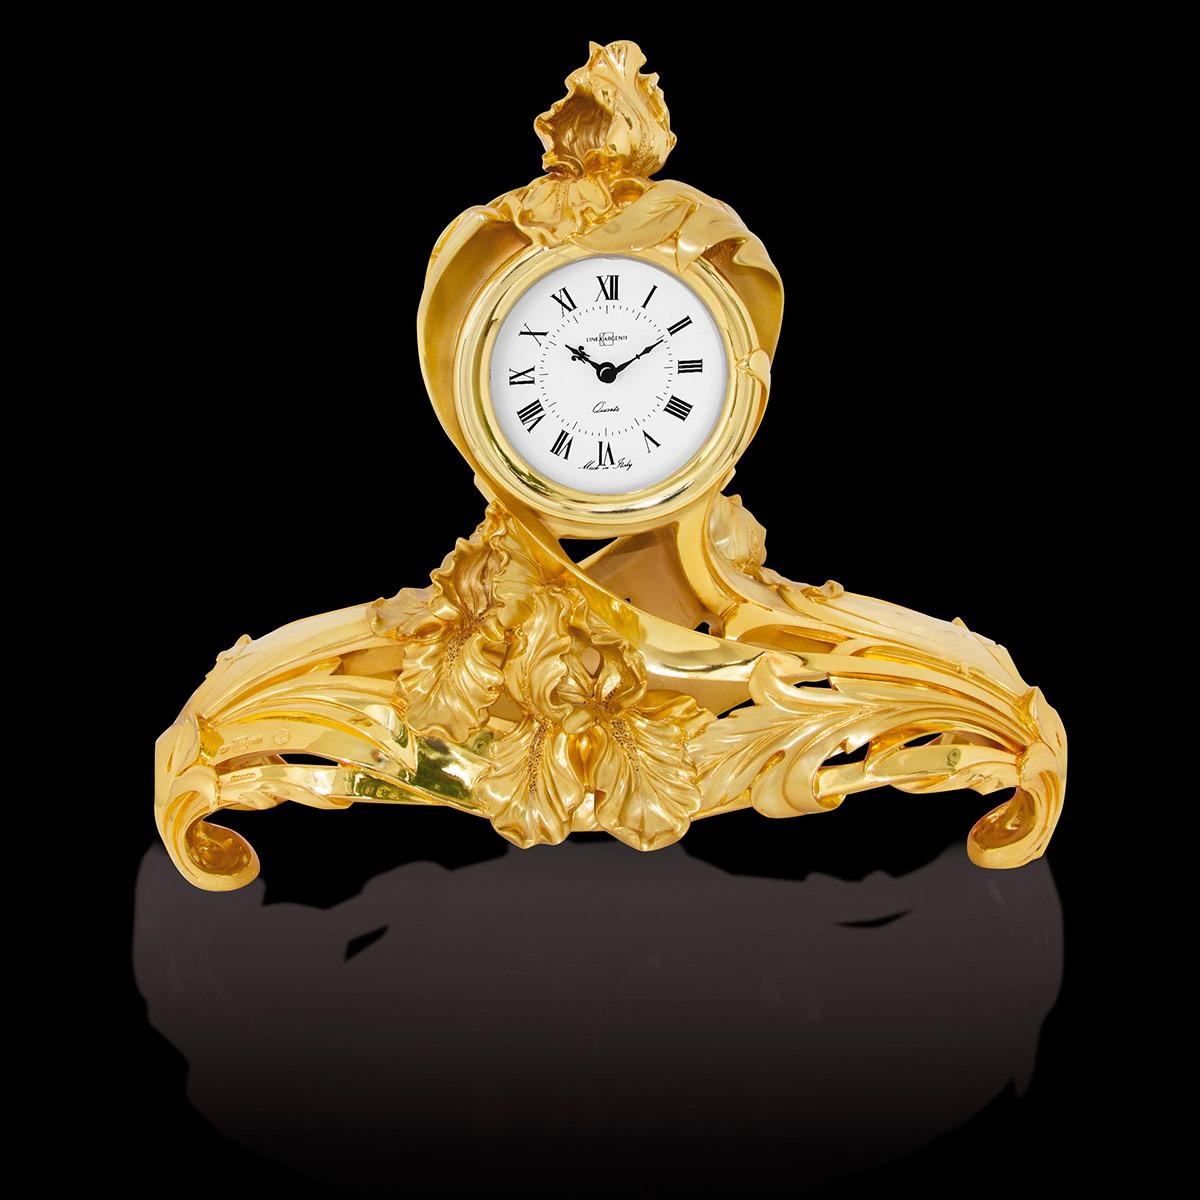 Orologio fiori in resina dorata orologi da tavolo - Dalvey orologio da tavolo ...